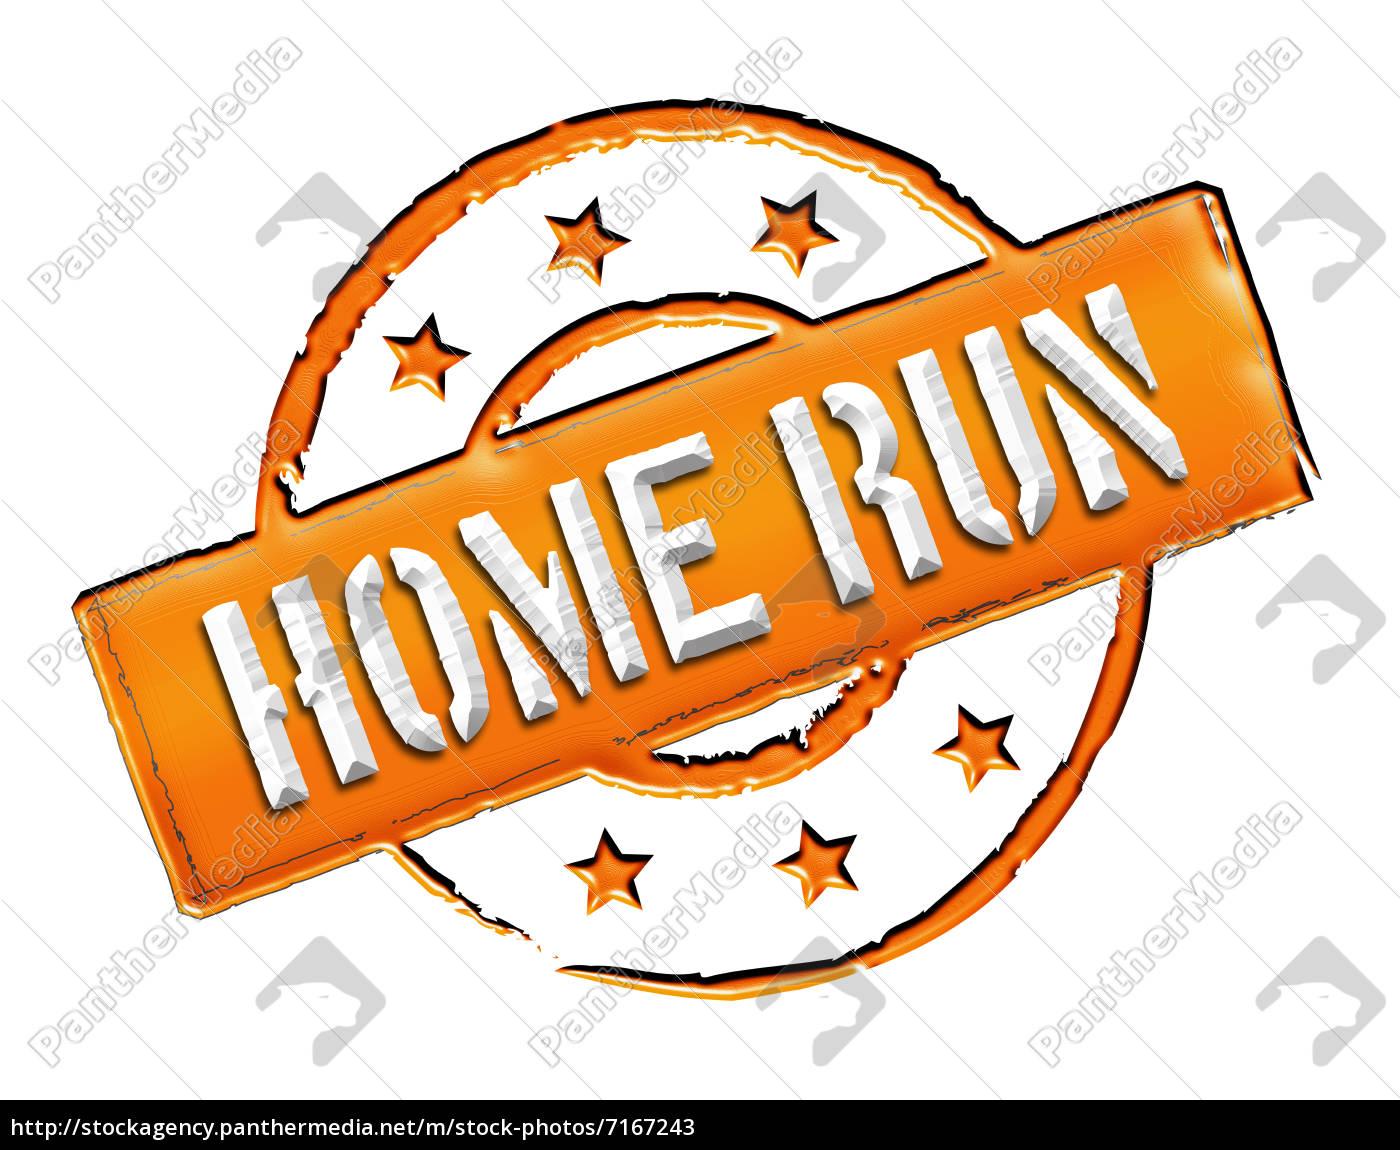 stamp, -, home, run - 7167243